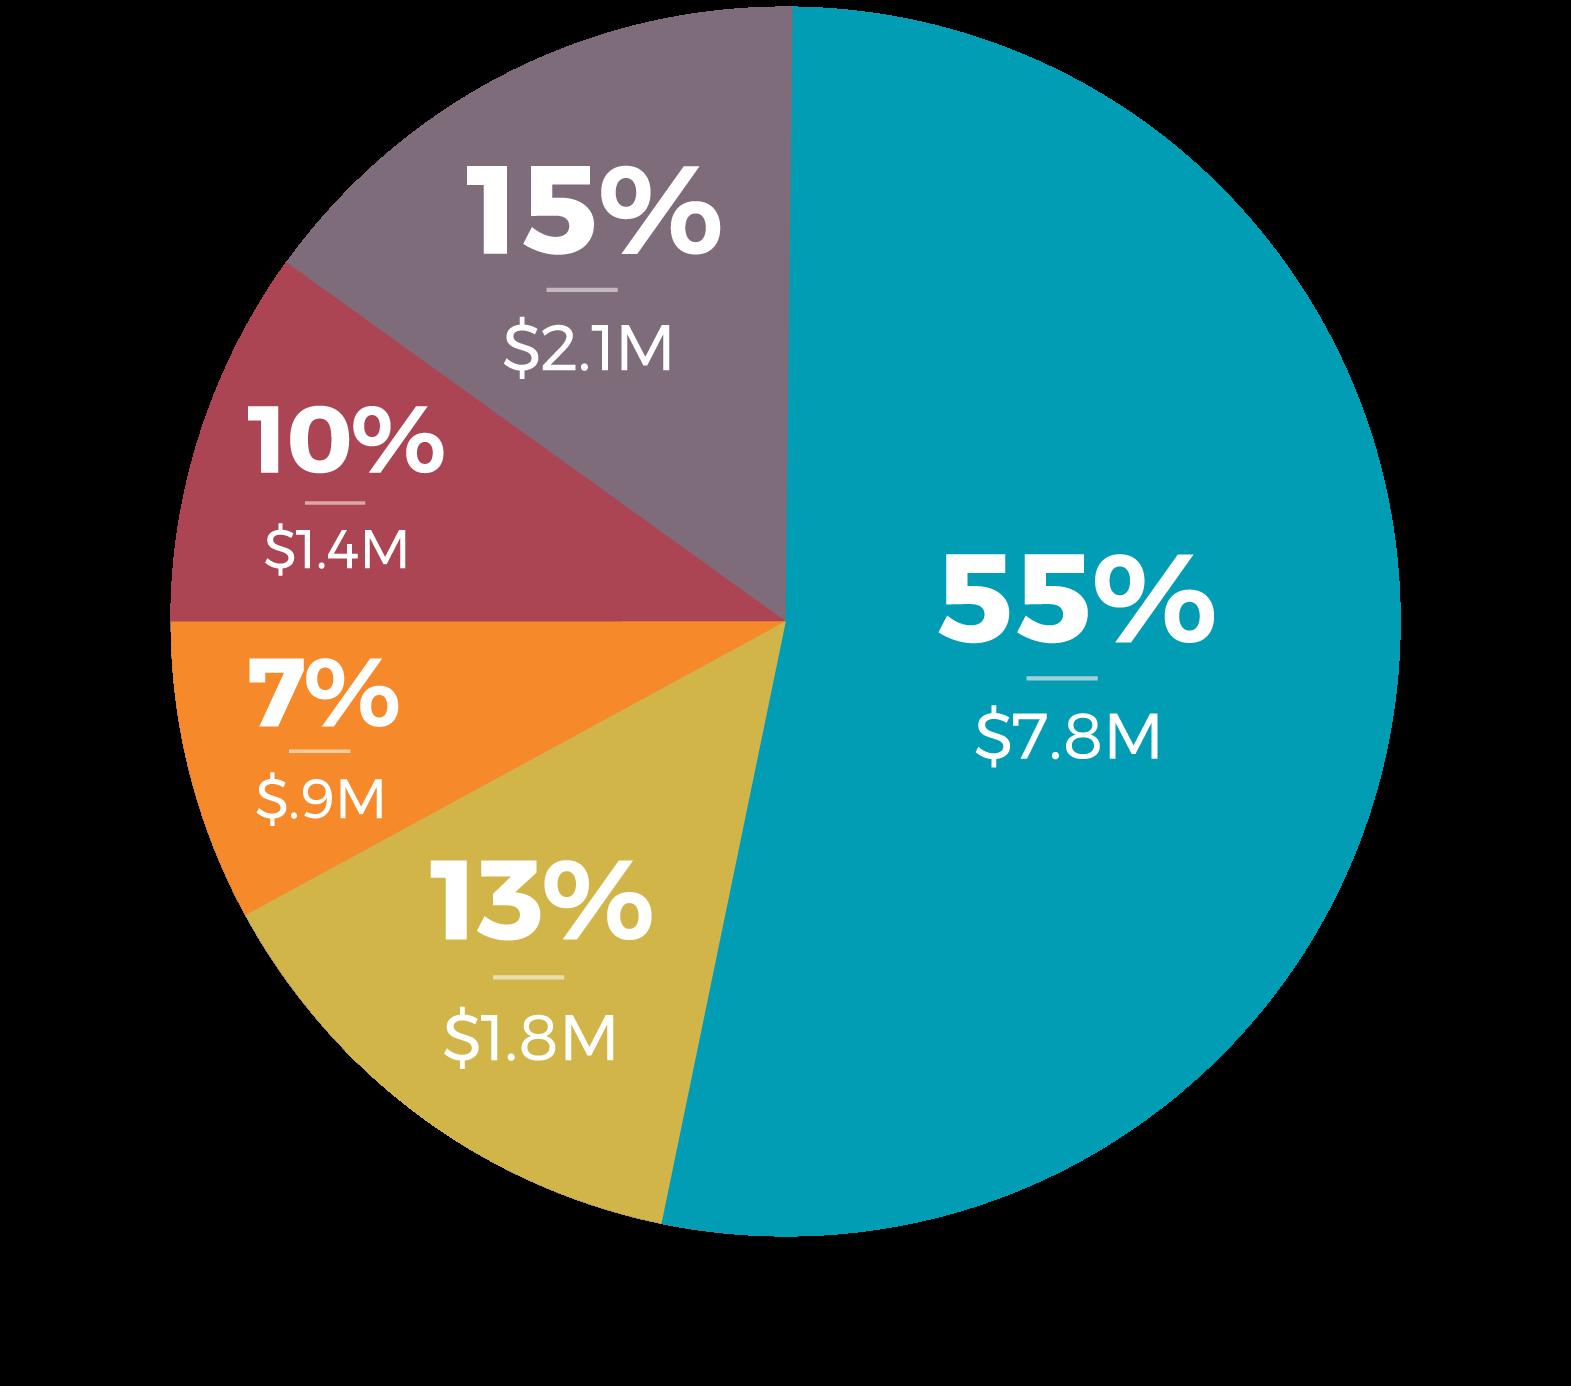 Grant Amount Pie Chart